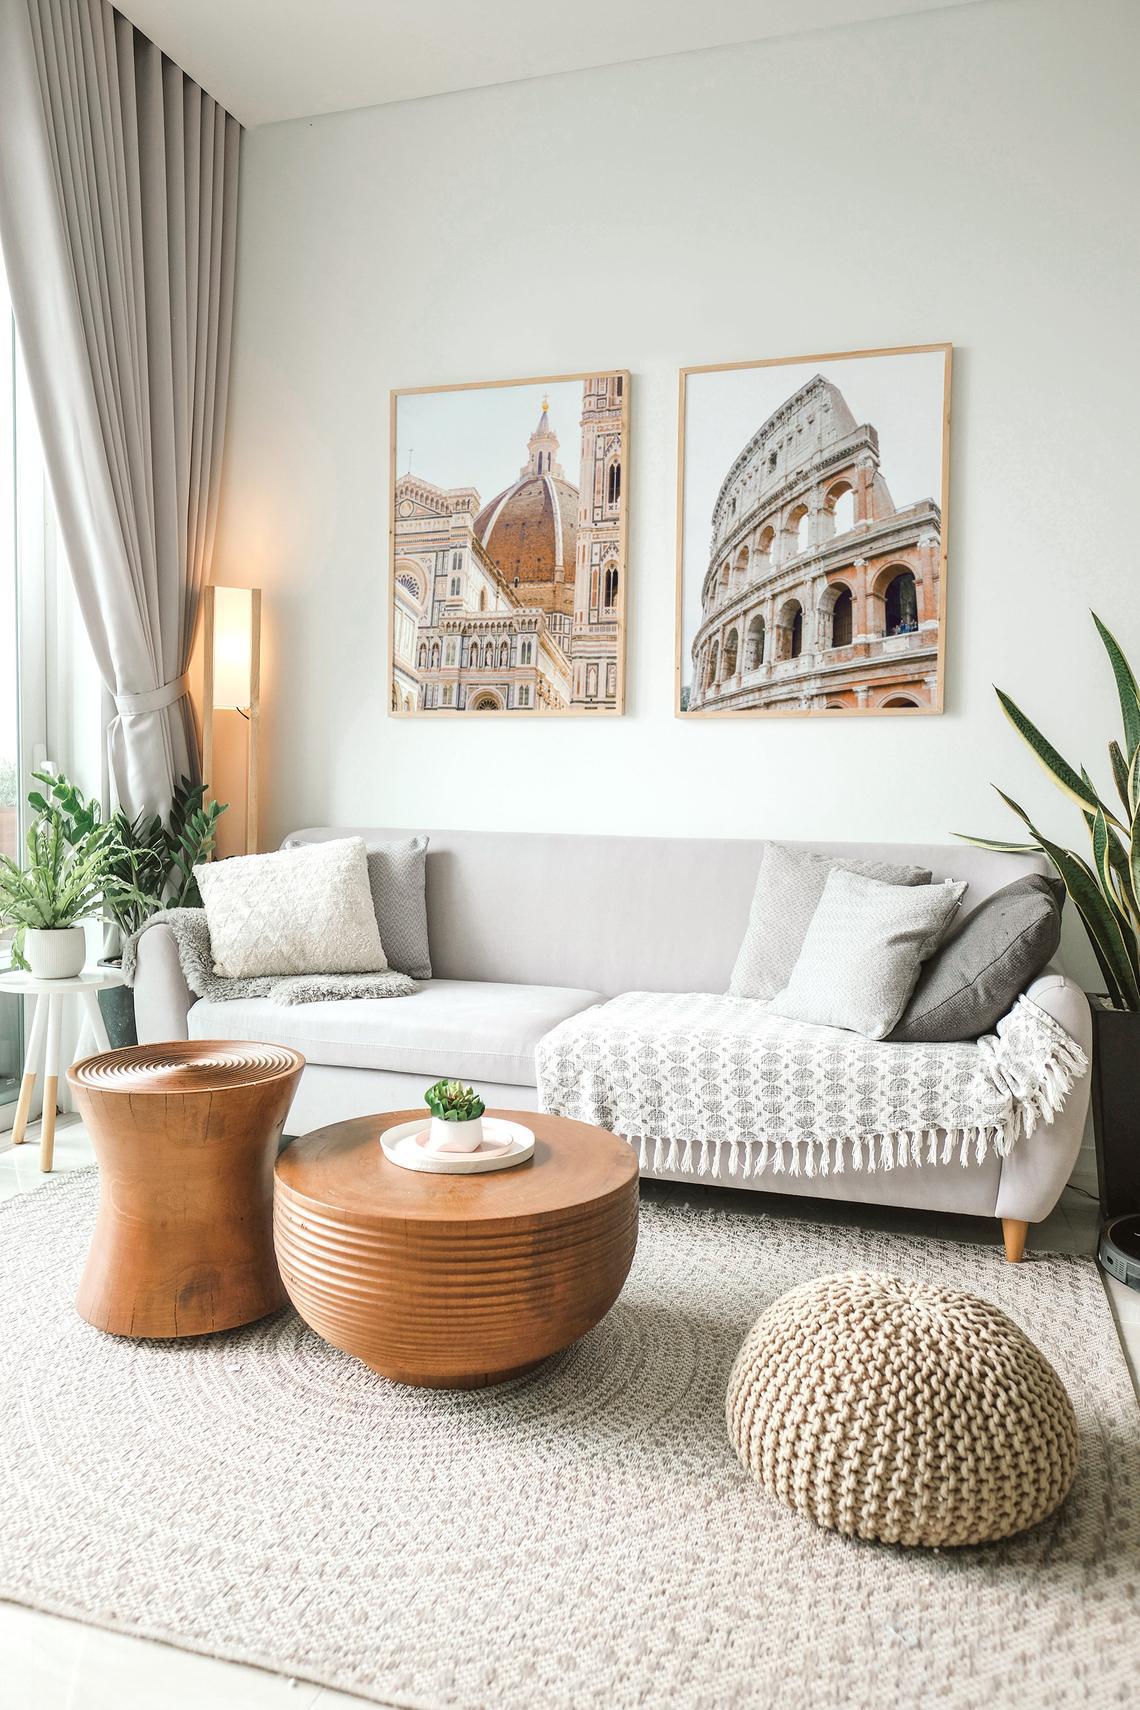 Kiến trúc sư tư vấn thiết kế căn hộ 50m² cho người trẻ độc thân với chi phí 134 triệu đồng - Ảnh 5.